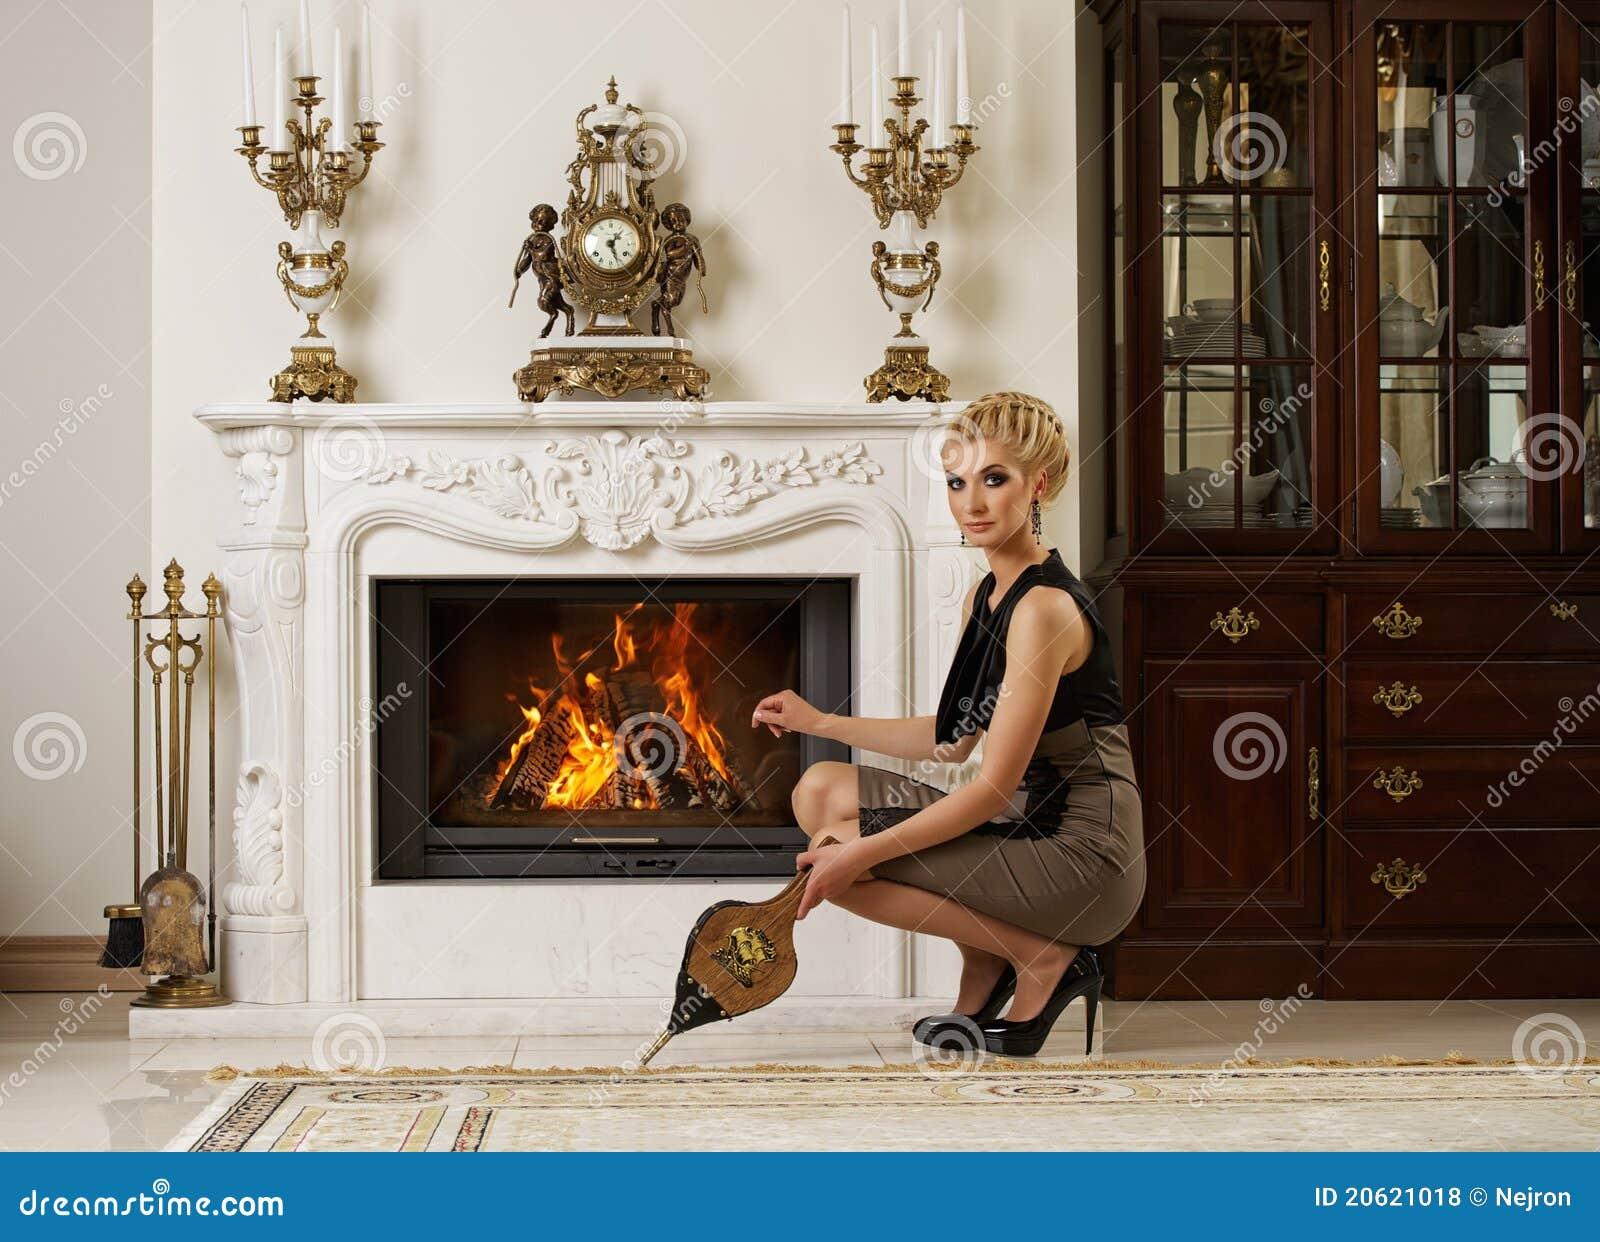 Beautiful Fireplace beautiful blond woman near the fireplace stock image - image: 20621011